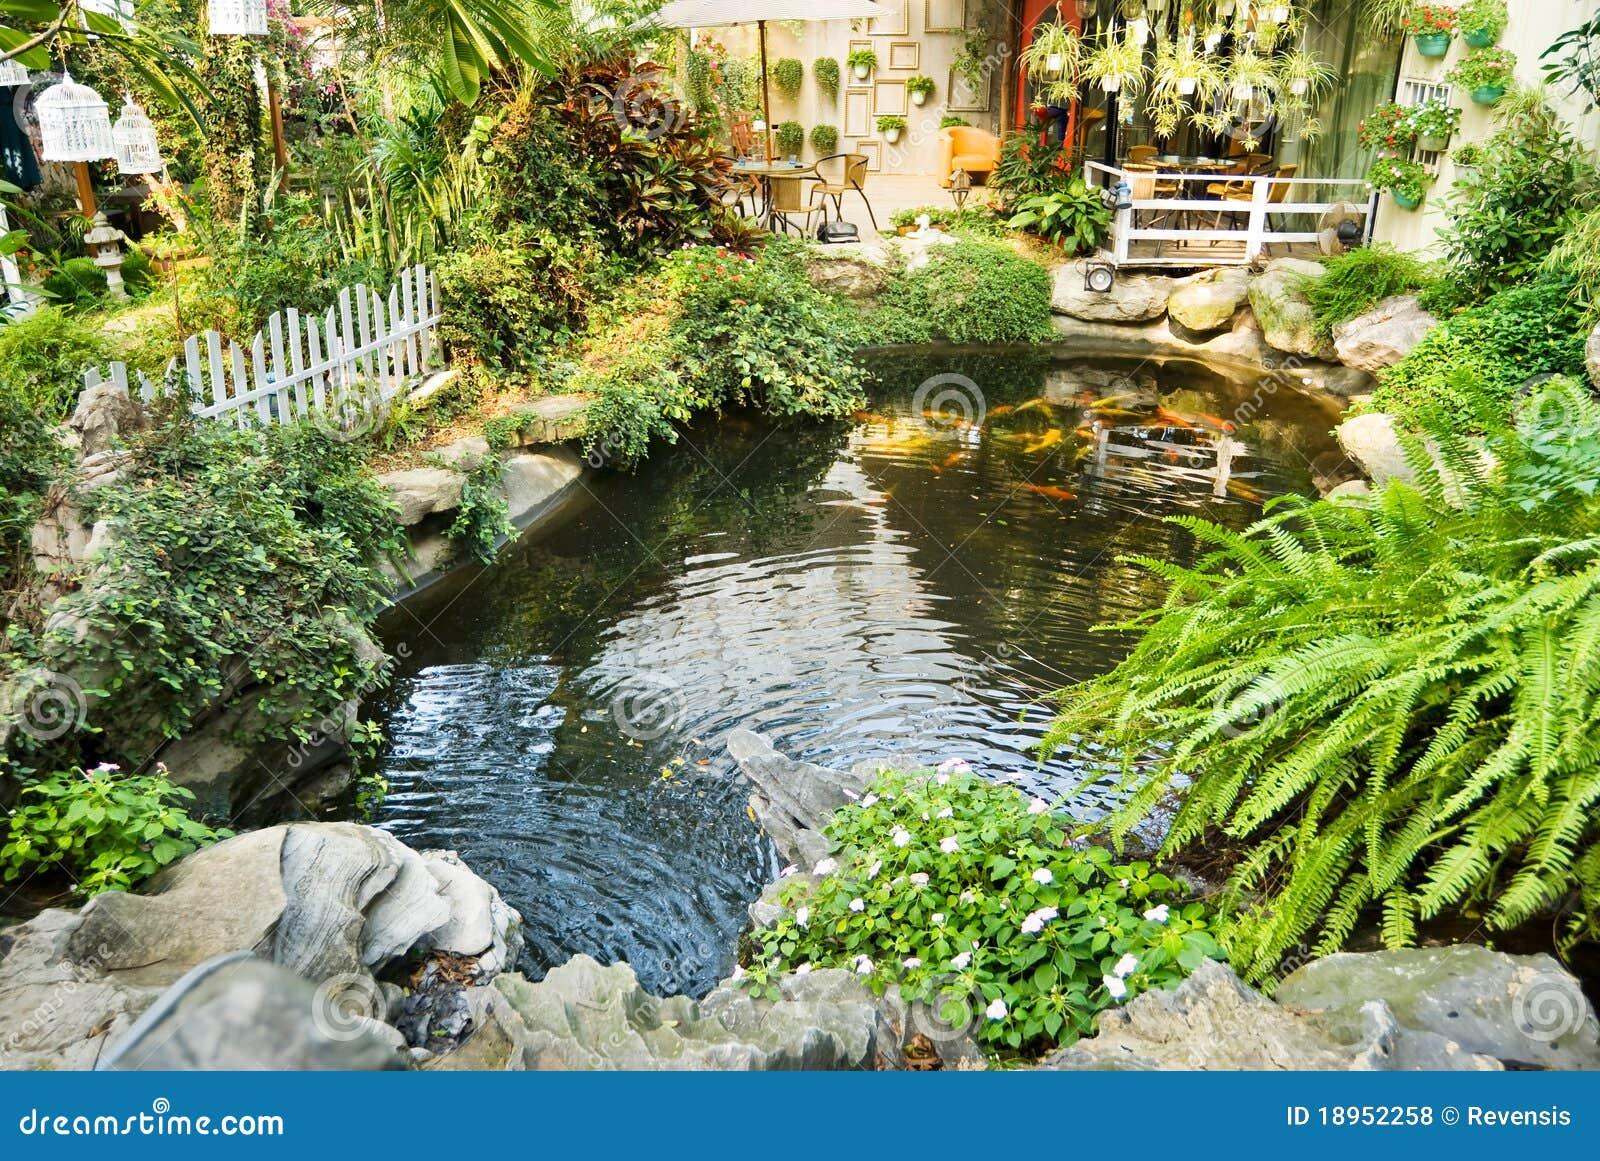 Schöner Garten Mit Japanischen Karpfen Im Pool Stockfoto - Bild von ...